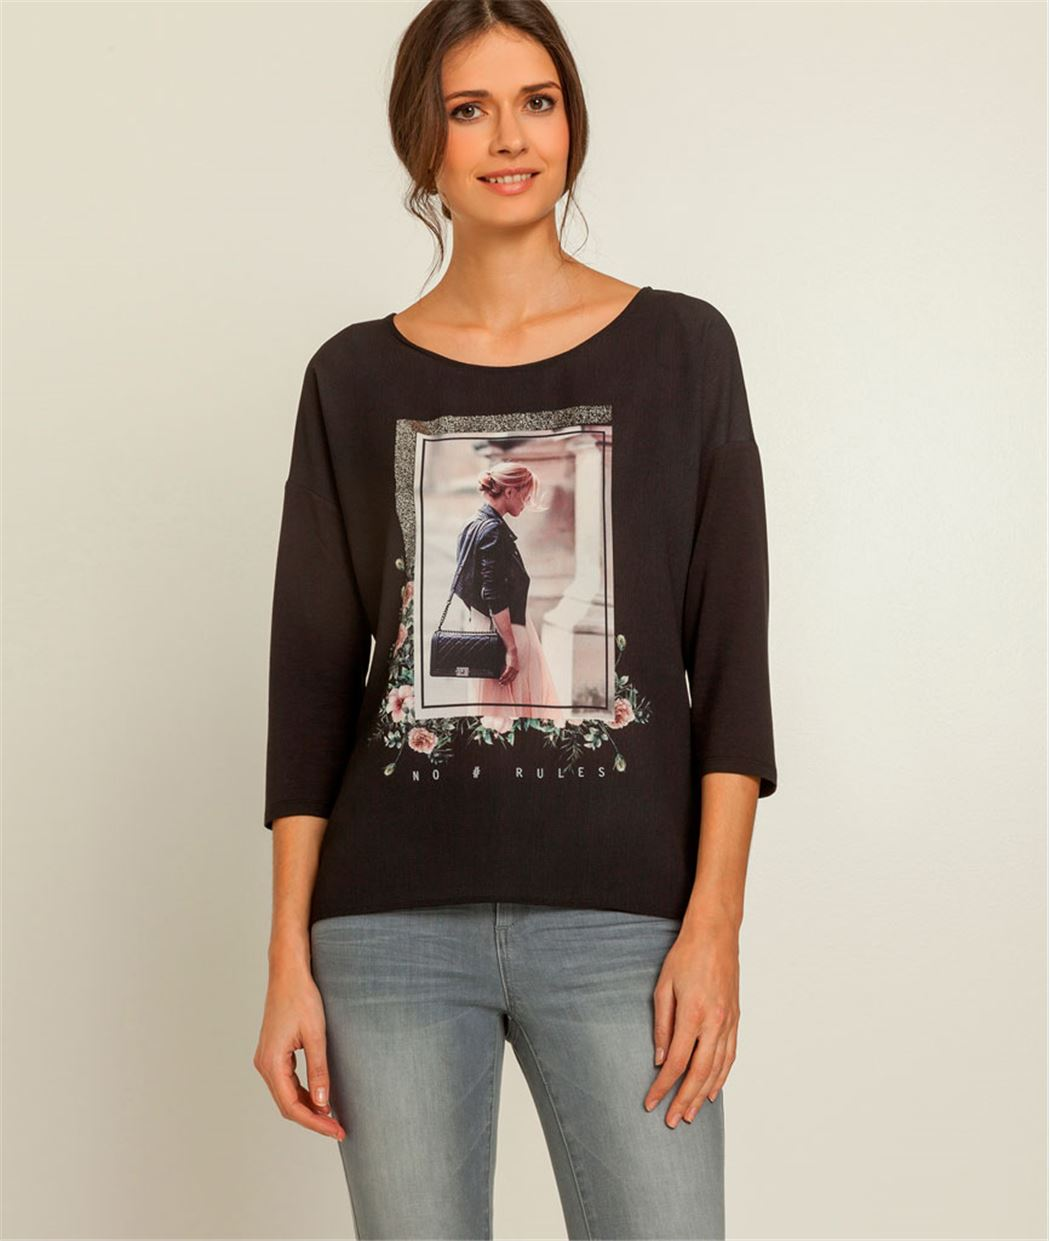 T-shirt femme photo imprimé NOIR